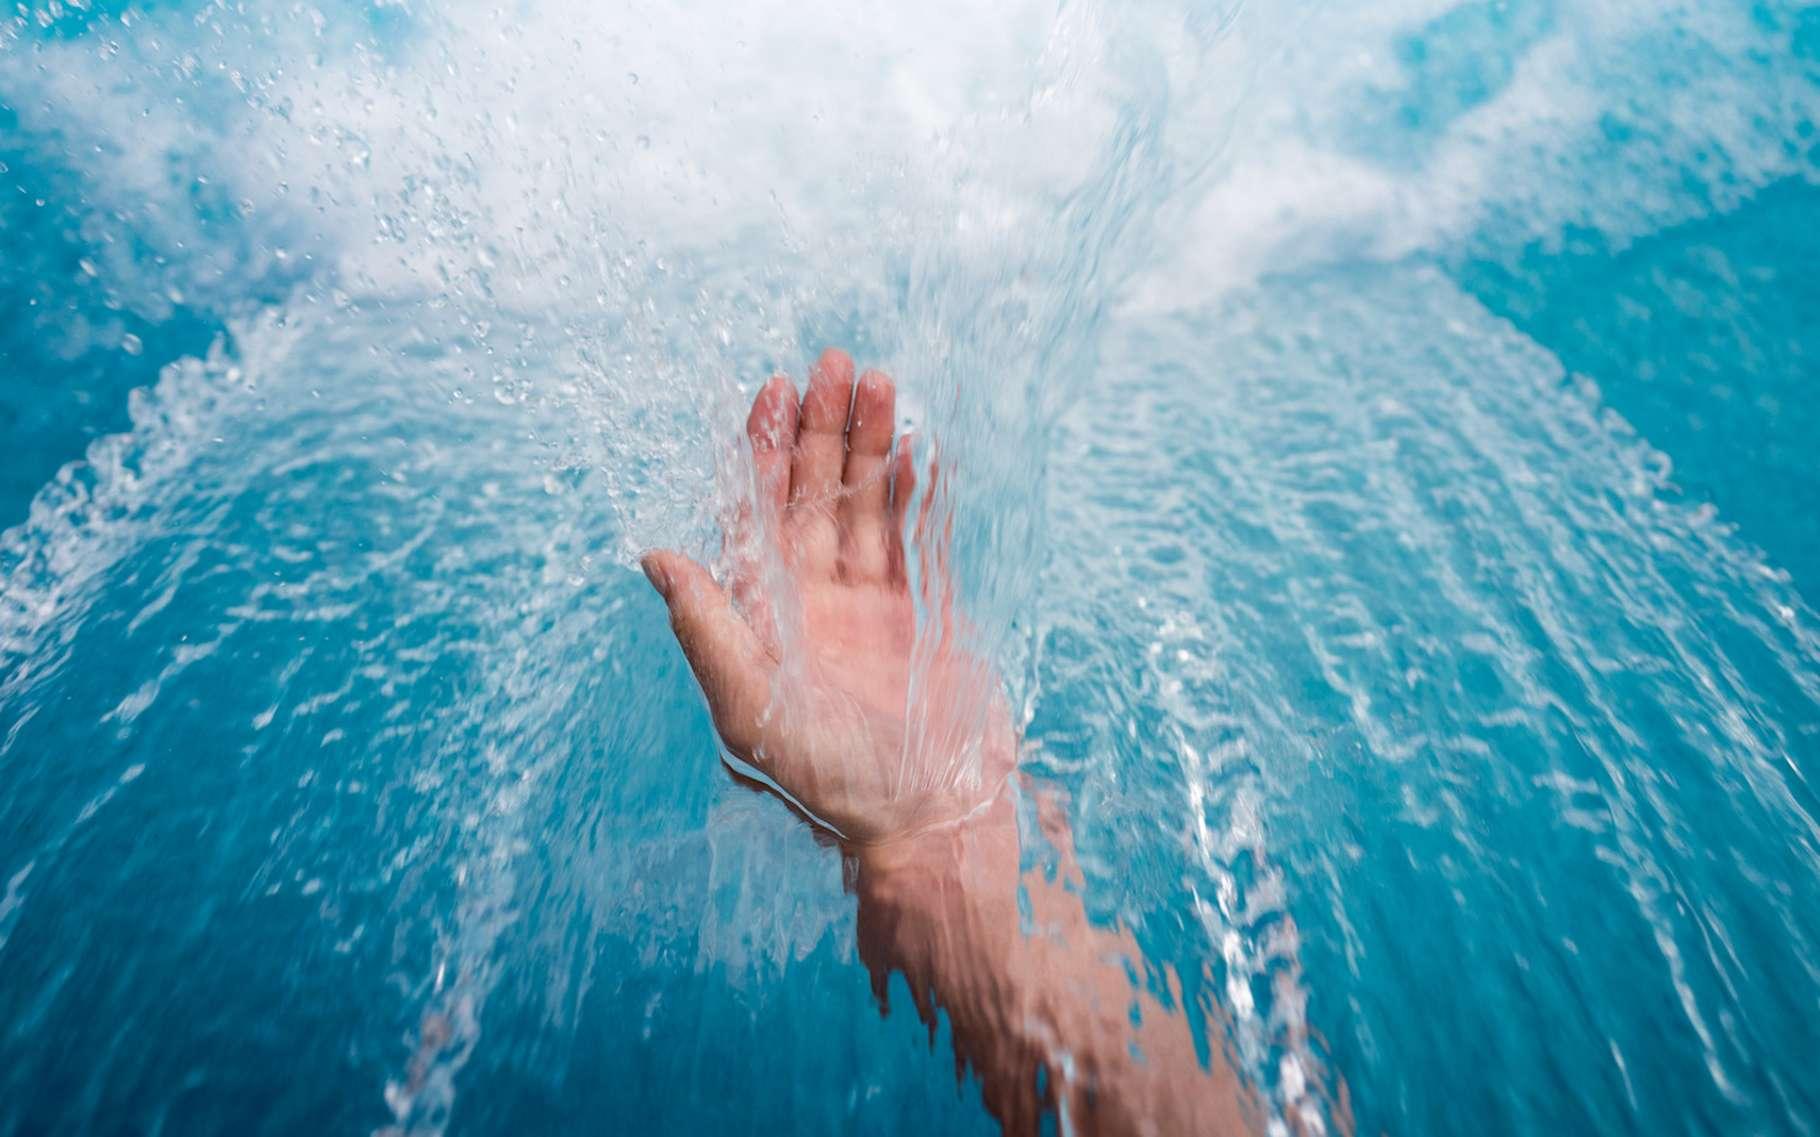 La balnéothérapie peut aussi bien viser un effet thérapeutique qu'un simple effet de détente et de bien-être par un bain d'eau douce. © JackStock, Fotolia